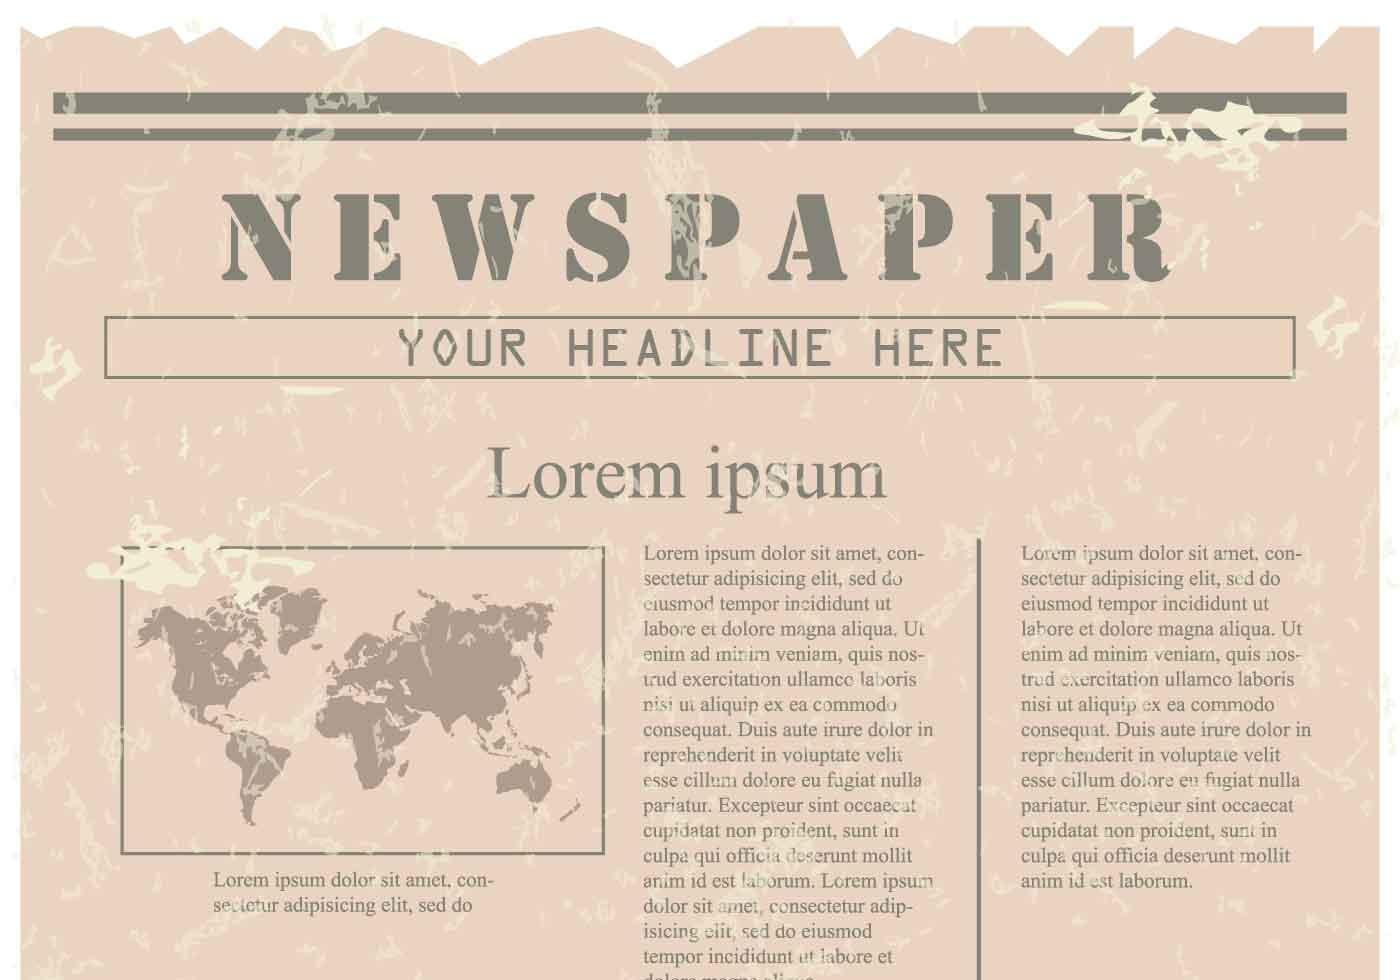 Vintage Old Newspaper Background